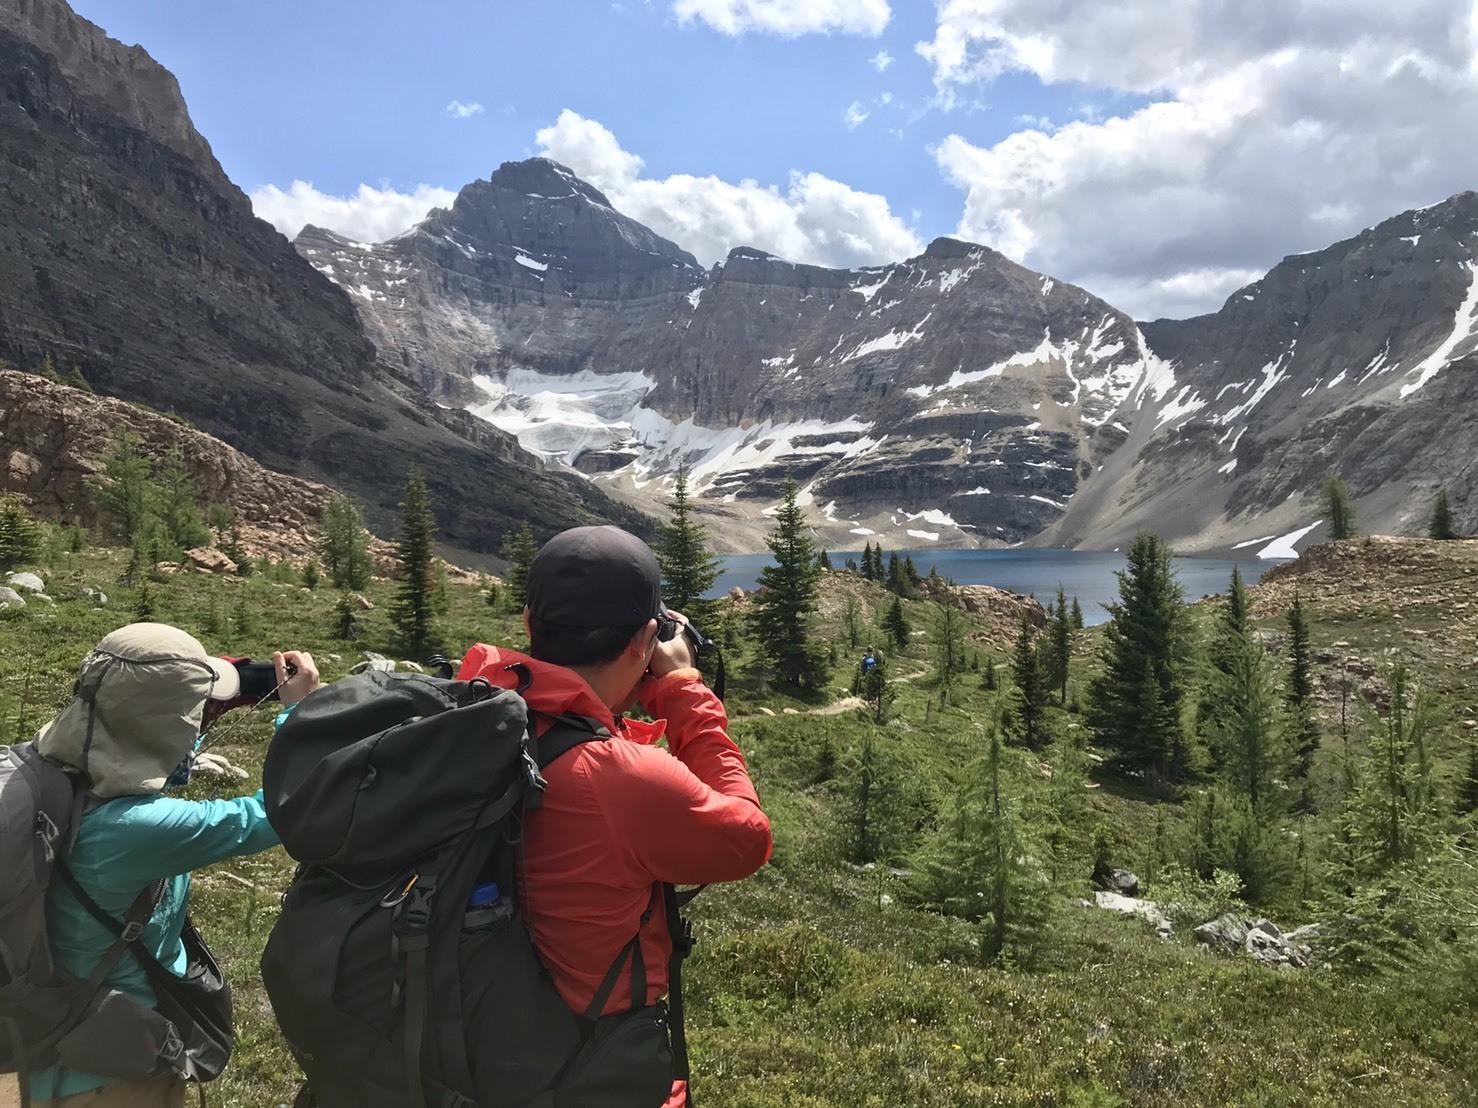 夢をかなえるプライベートハイキング。清水夫妻と行くレイクオハラの旅_d0112928_12013221.jpg